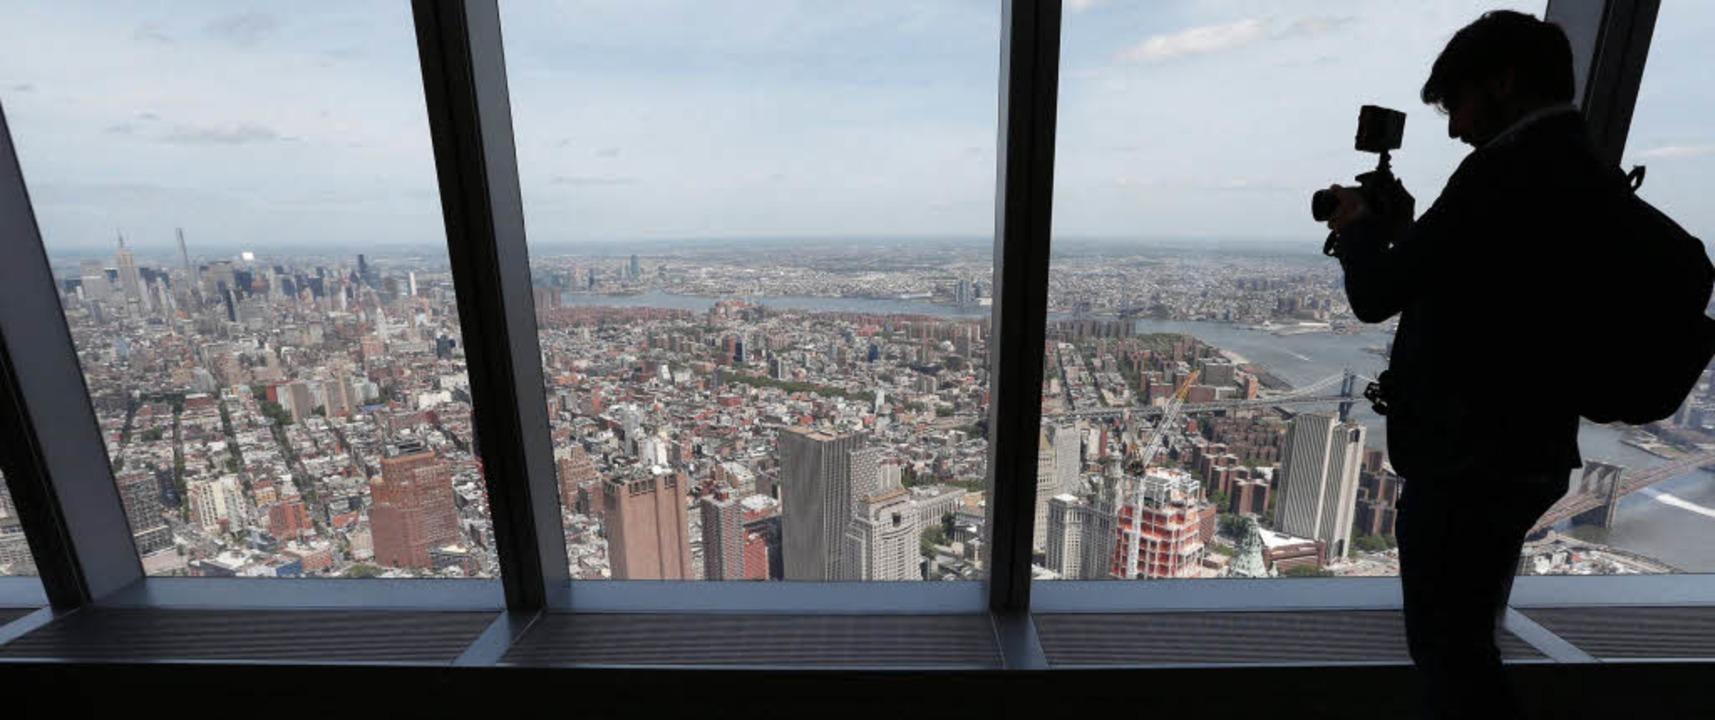 aussichtsplattform auf neuem world trade center panorama badische zeitung. Black Bedroom Furniture Sets. Home Design Ideas